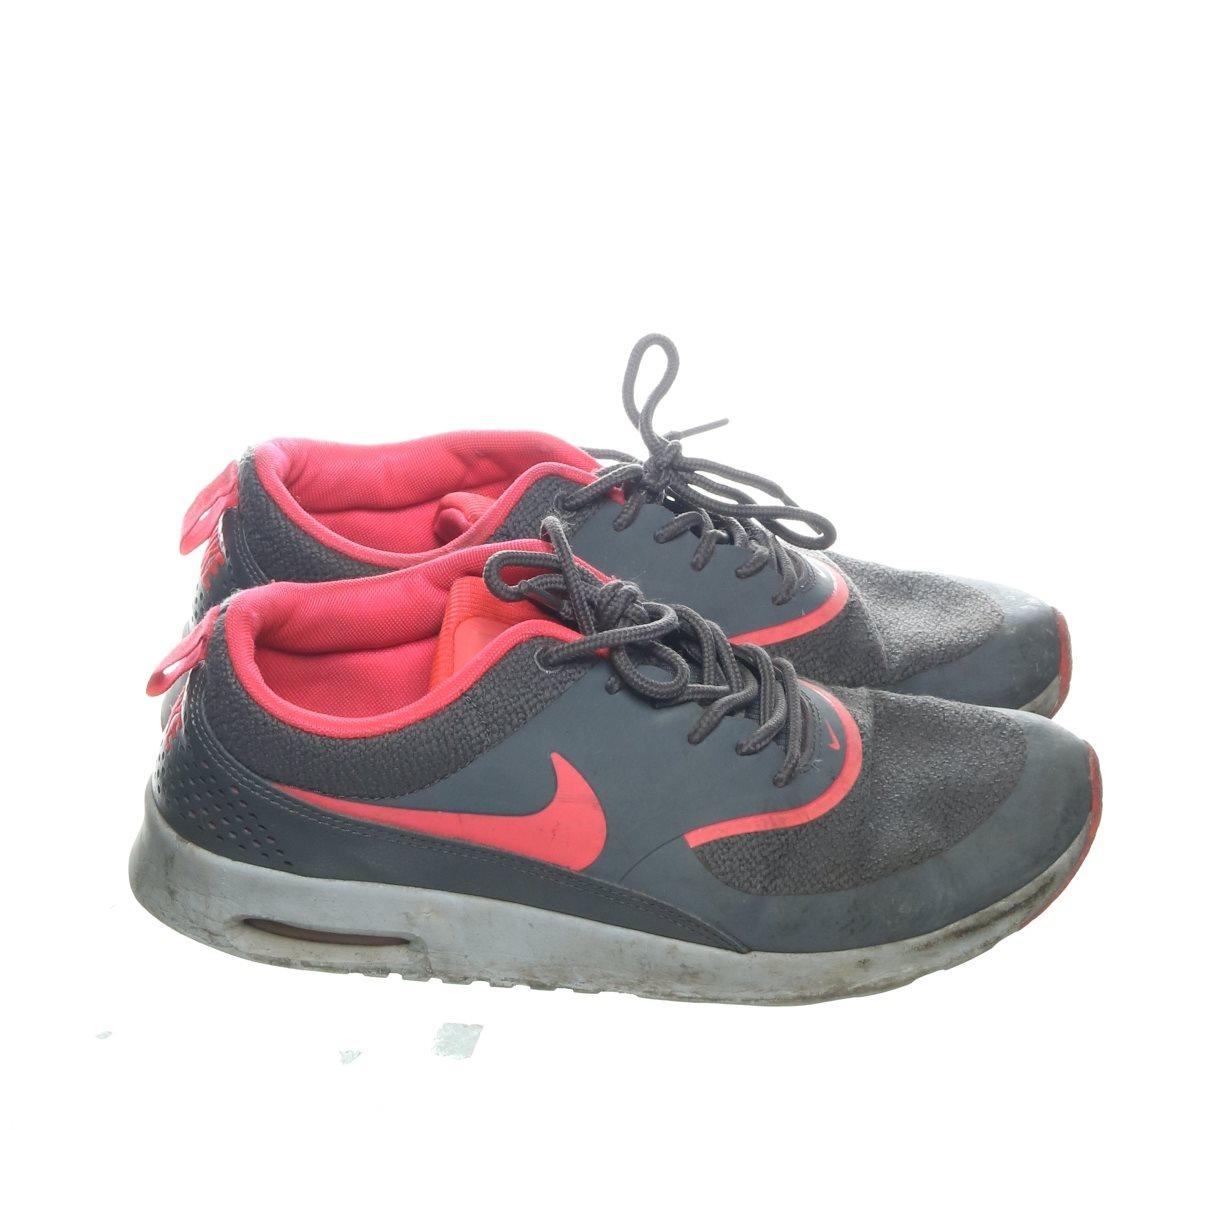 detailed pictures bb106 24e88 Nike, Träningsskor, Strl  39, Air max thea, Grå Rosa